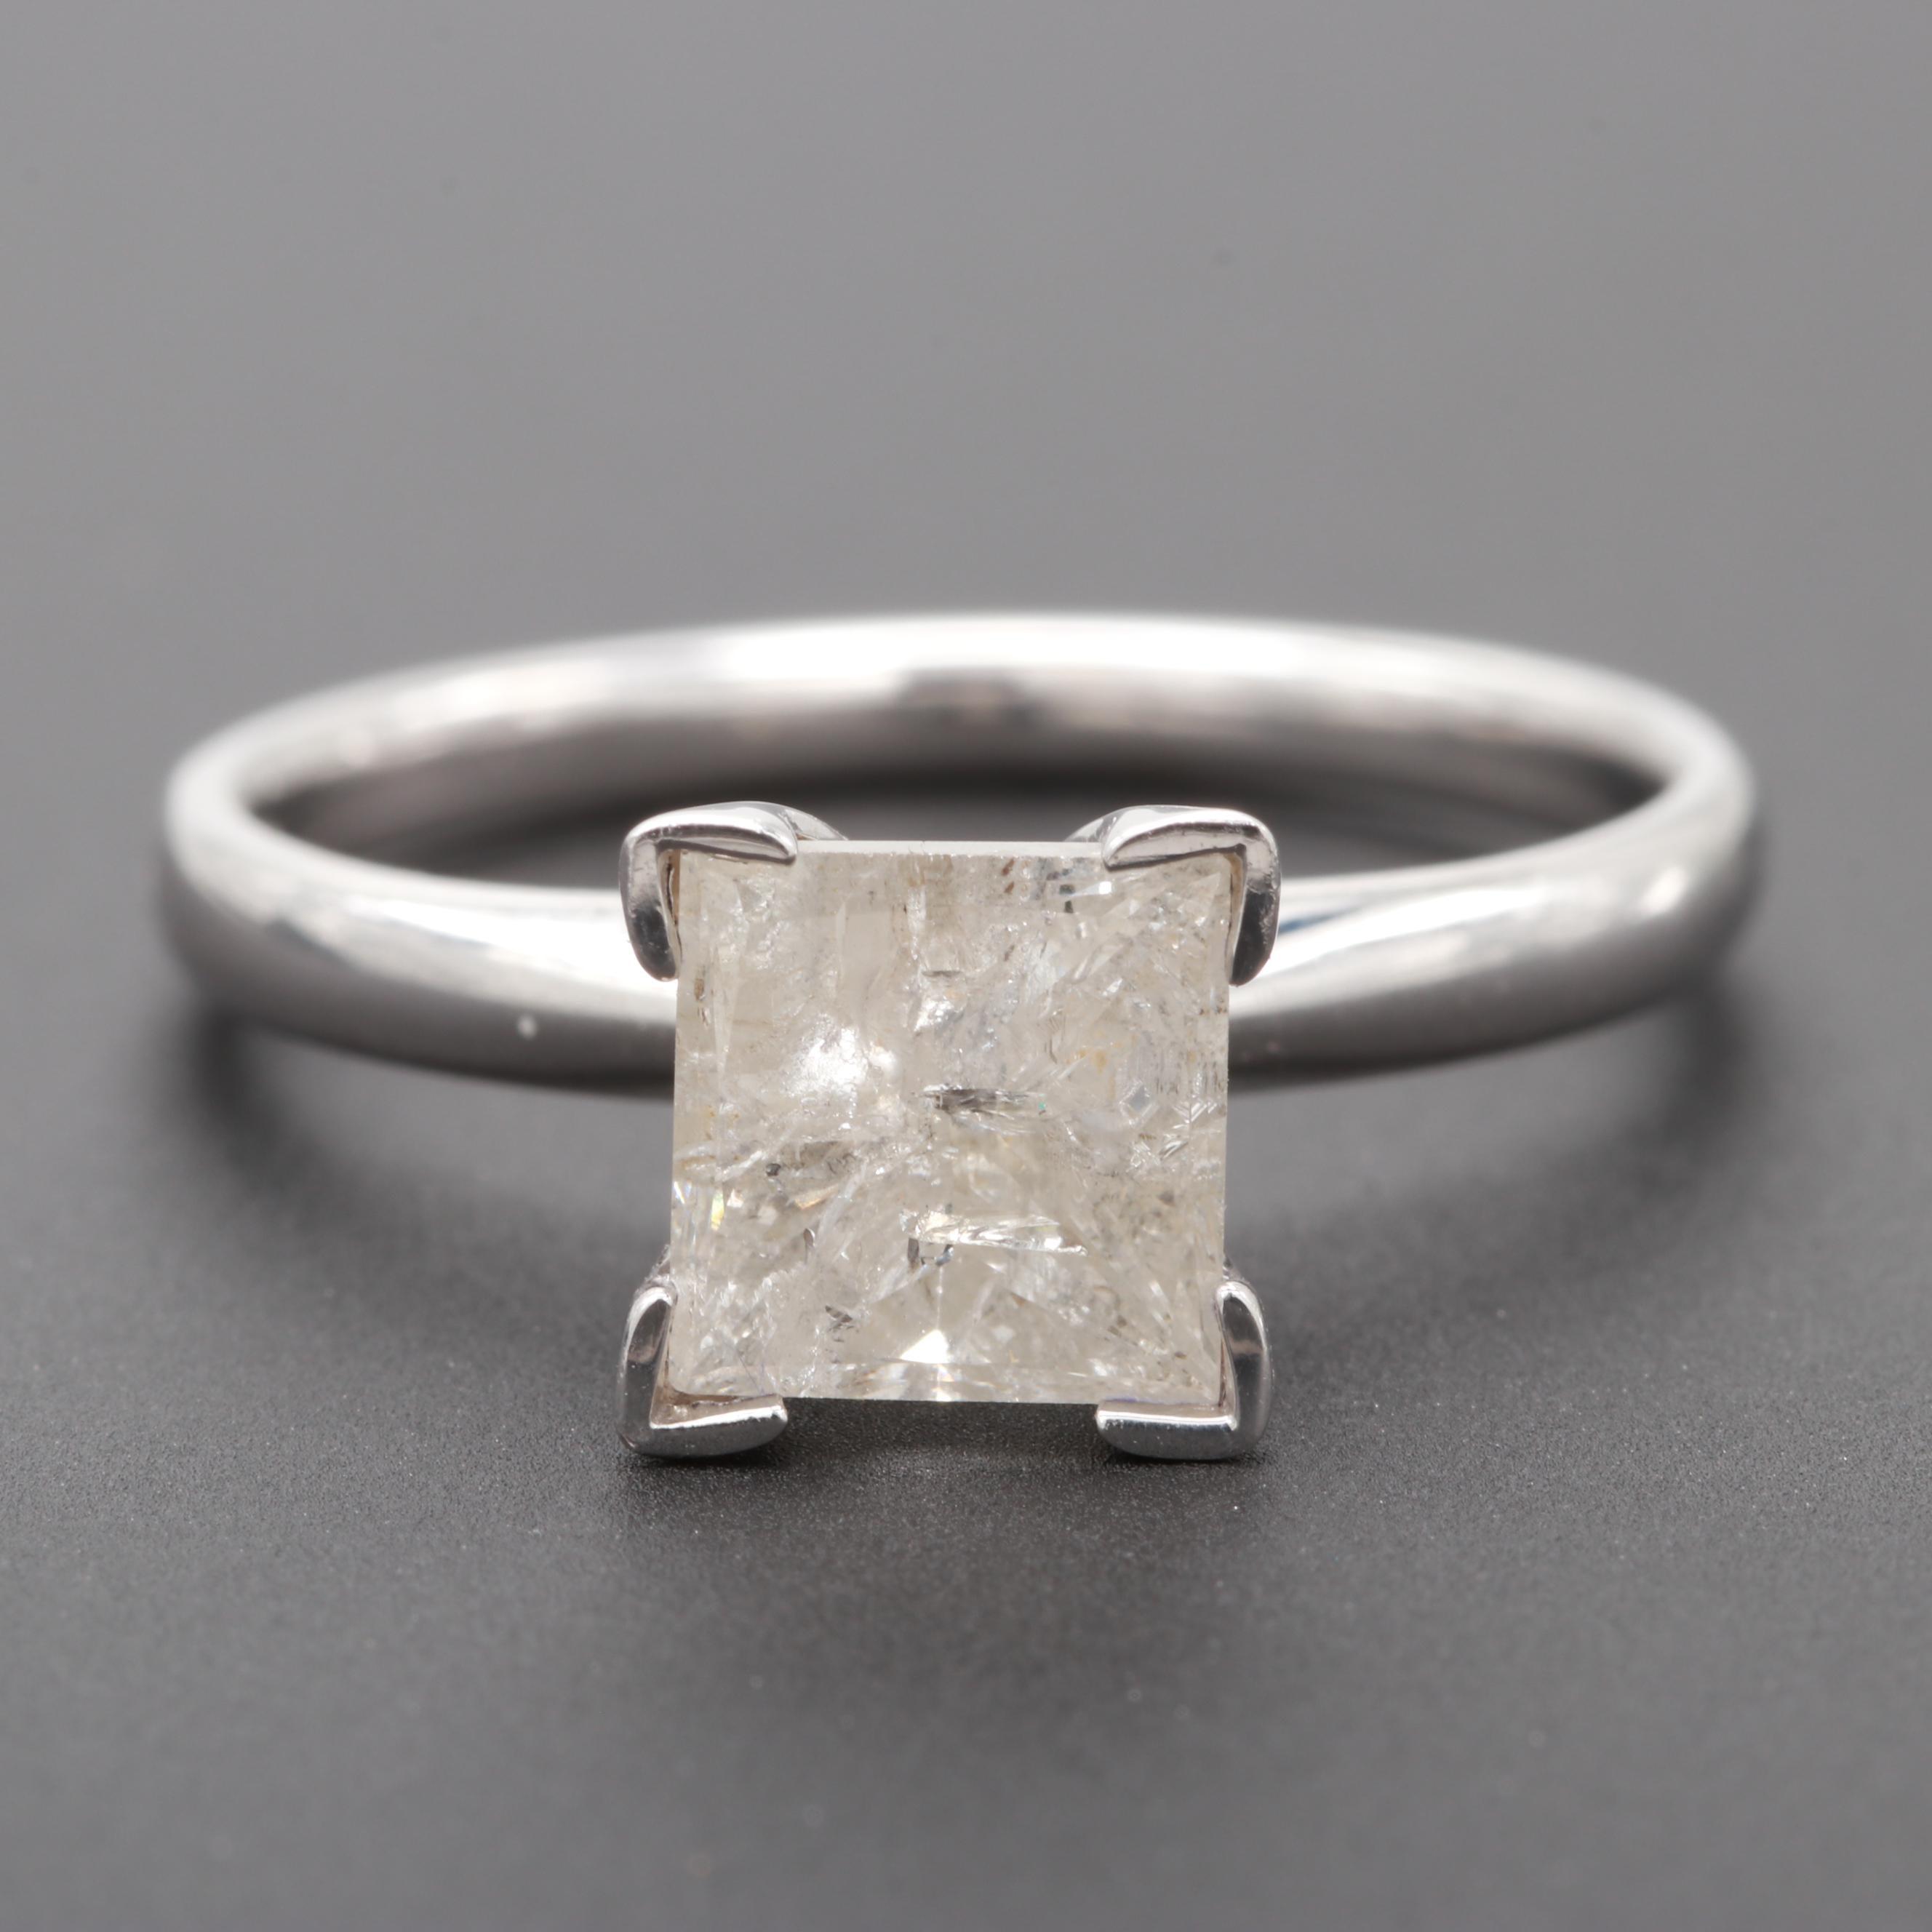 14K White Gold 1.65 CT Diamond Ring